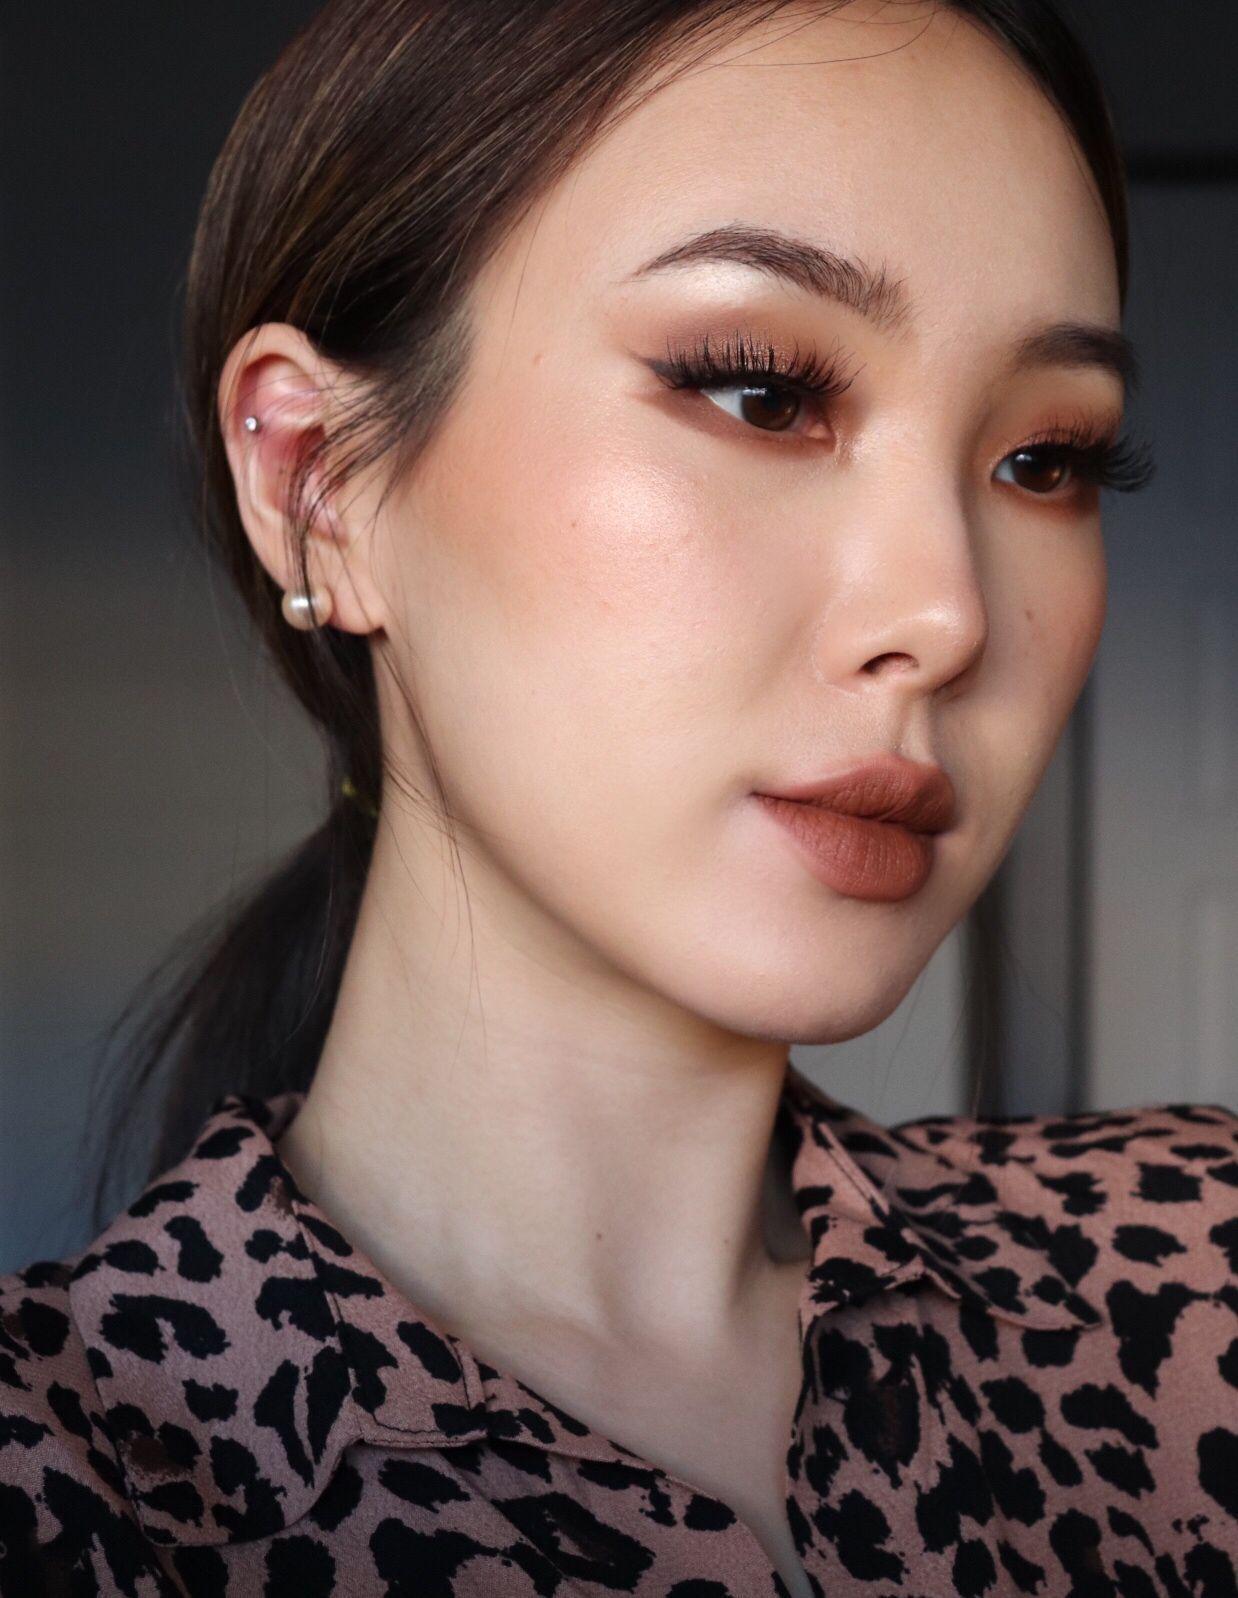 Kbeauty Korean Makeuplook Makeup Koreanmakeup Kbeauty Korean Koreanmakeup Makeup Makeuplook Asian Eye Makeup Asian Makeup Korean Makeup Look